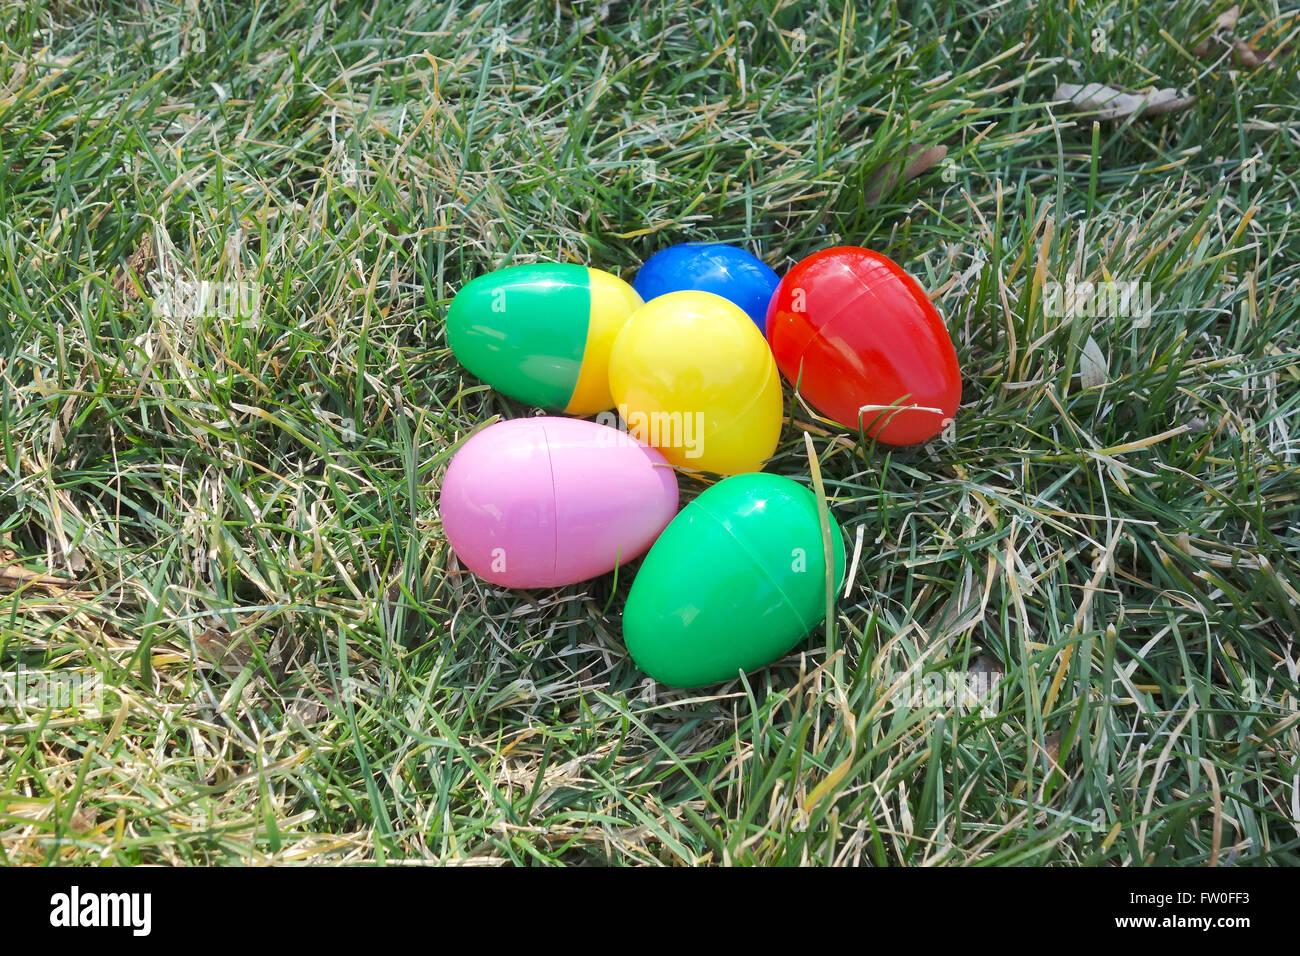 Plastic Easter Eggs On Grass